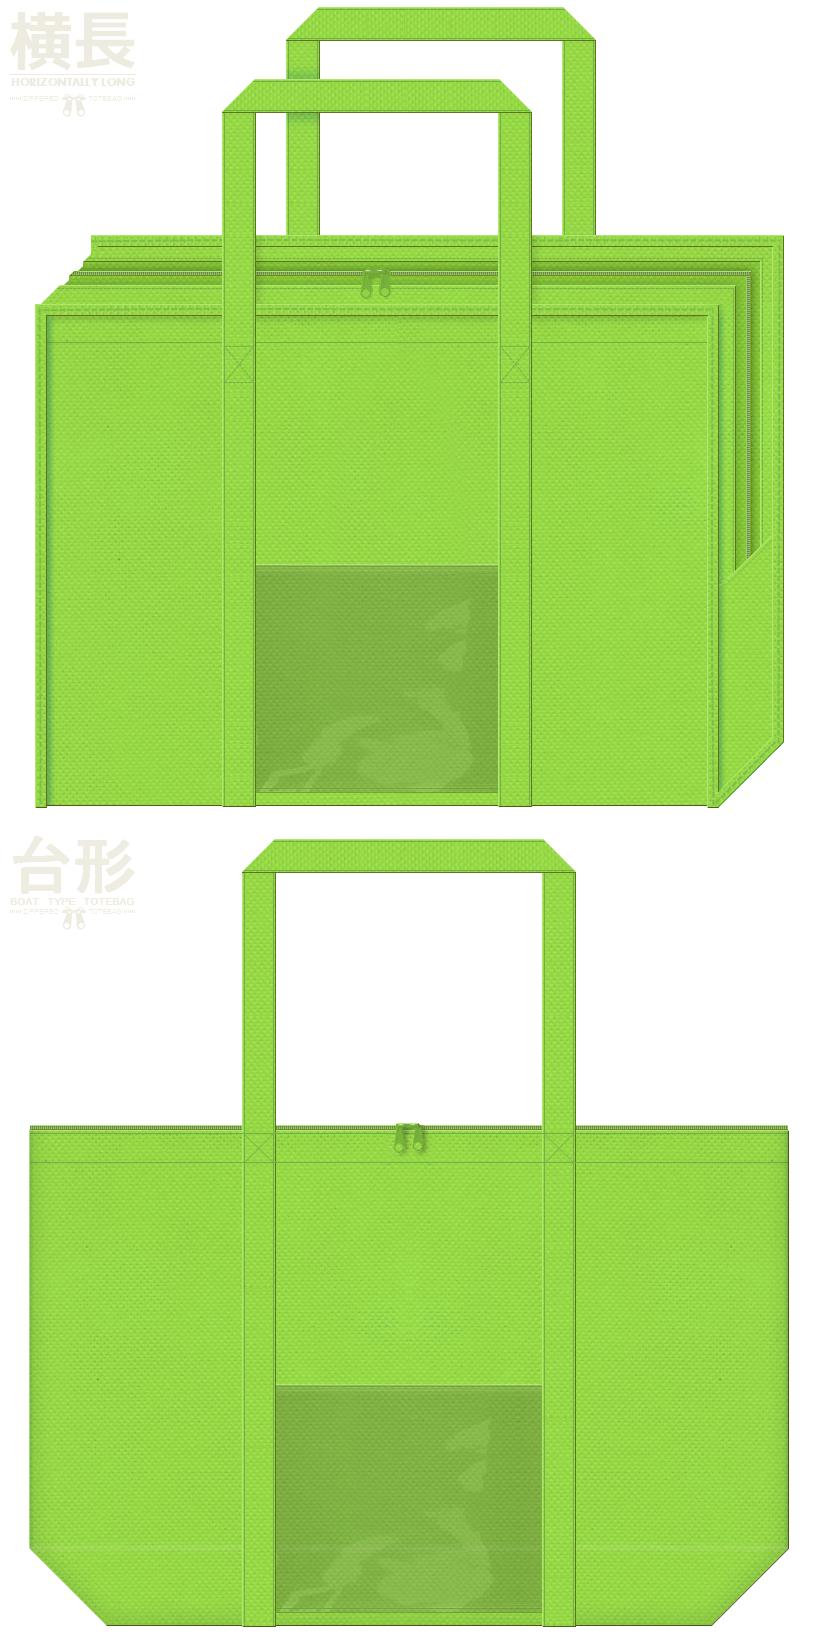 黄緑色の不織布バッグデザイン:透明ポケット付きの不織布ランドリーバッグ